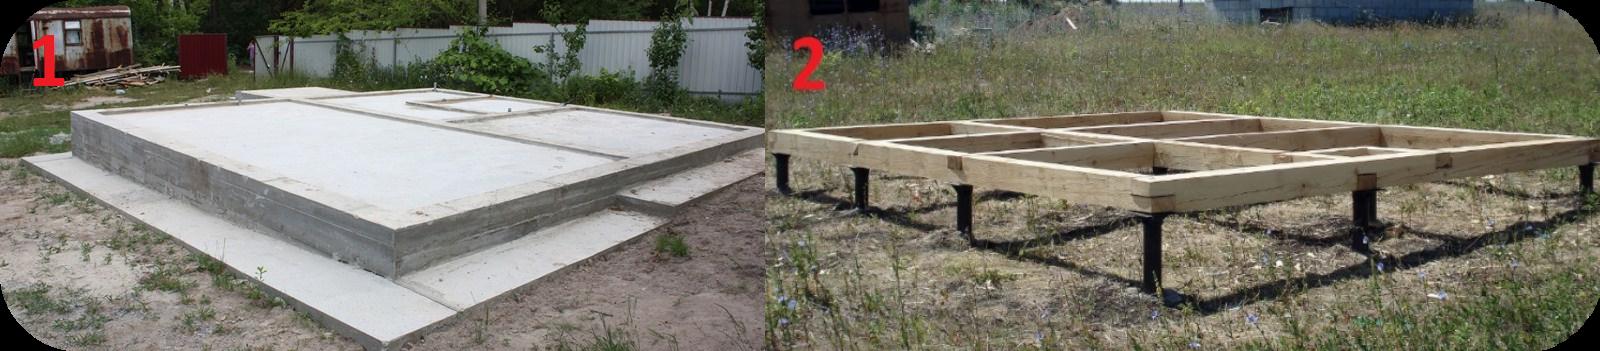 Два вида фундаментов в Канадских домах из СИП-панелей